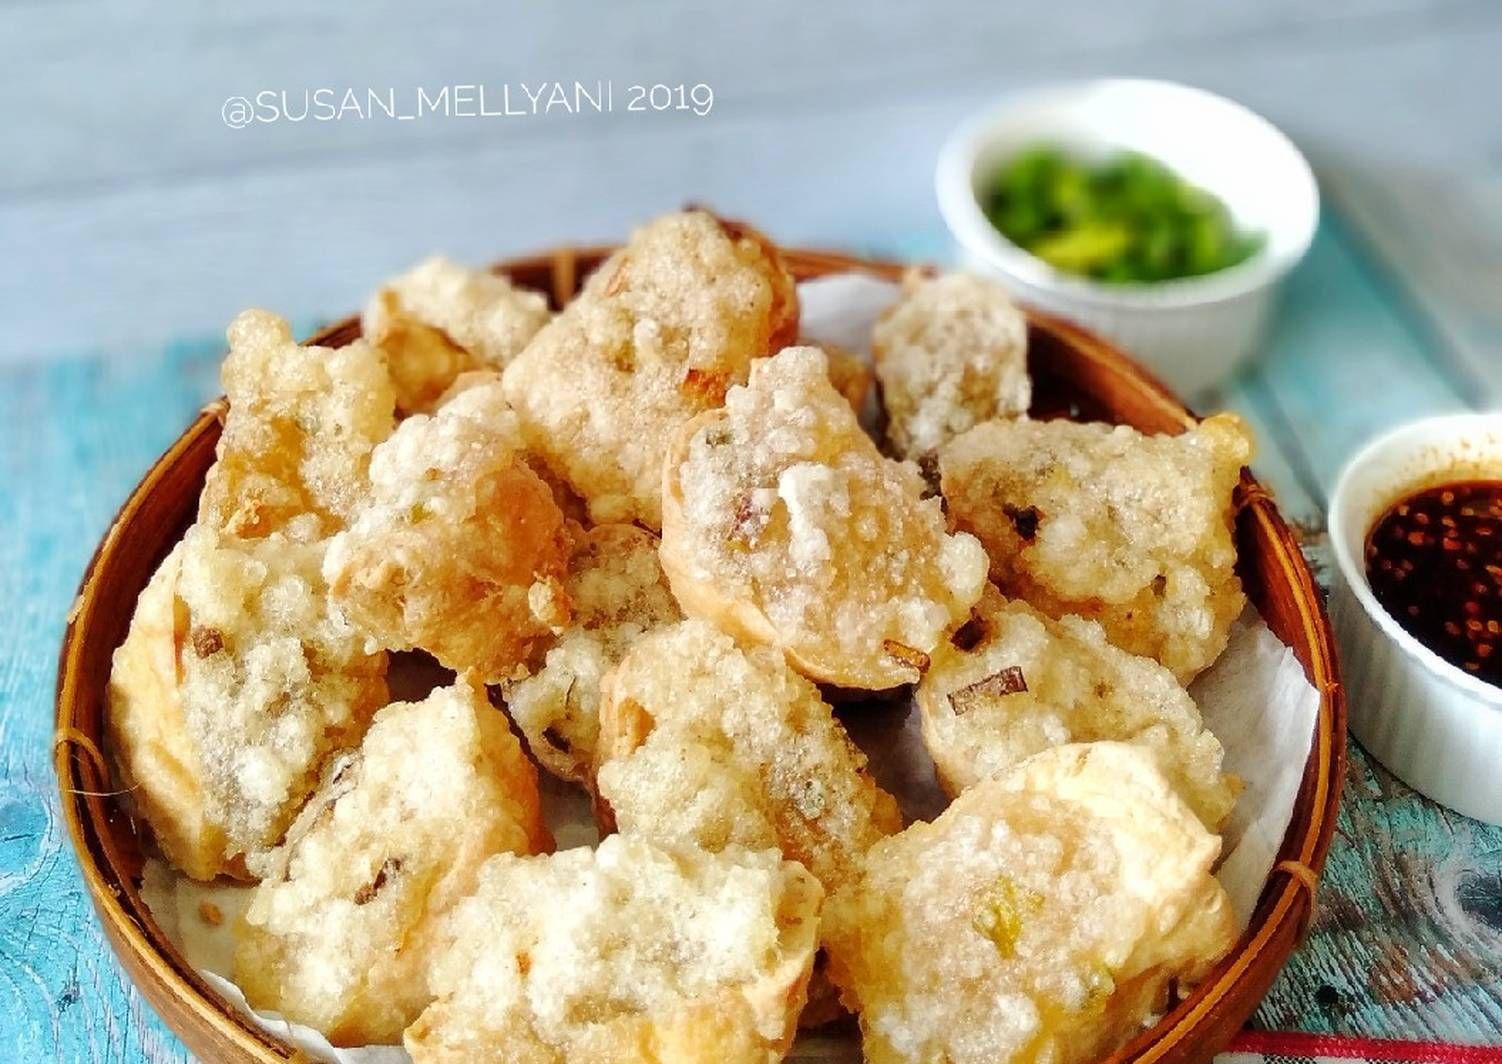 Resep Tahu Aci Oleh Susan Mellyani Resep Resep Tahu Makanan Resep